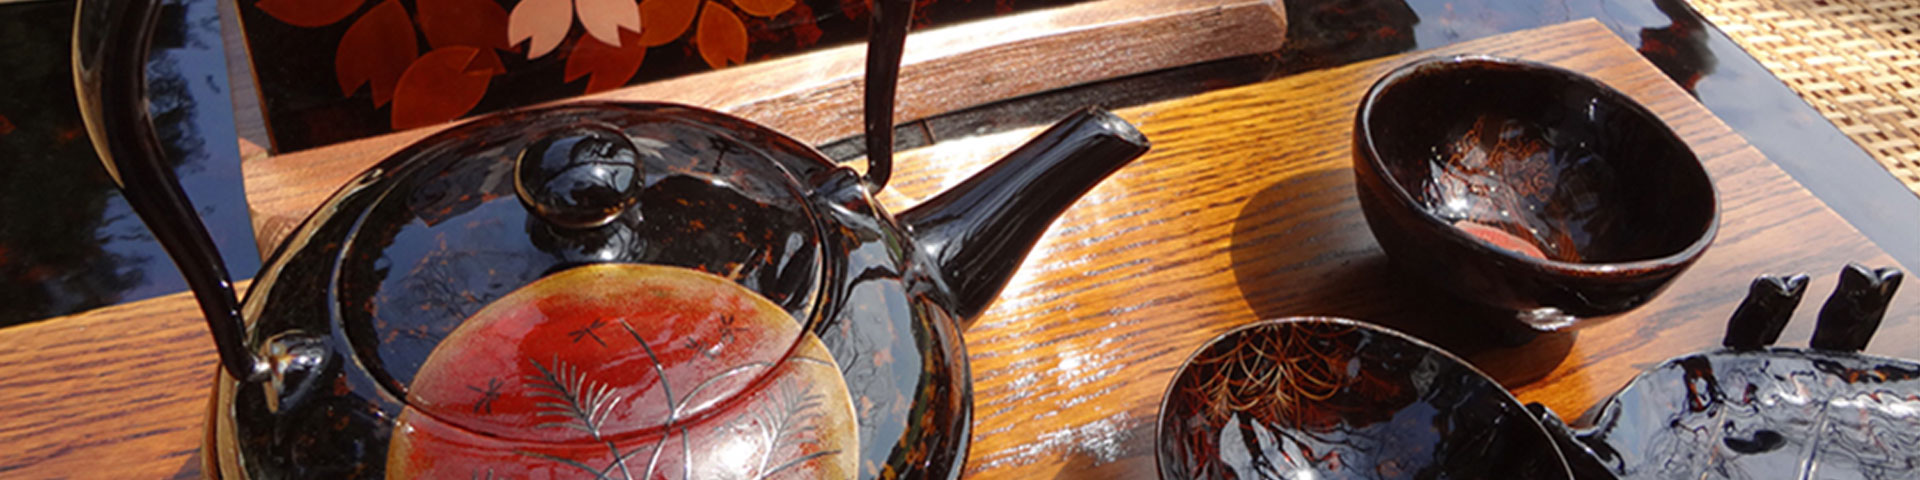 NAMABU IPPIN DOH Top image